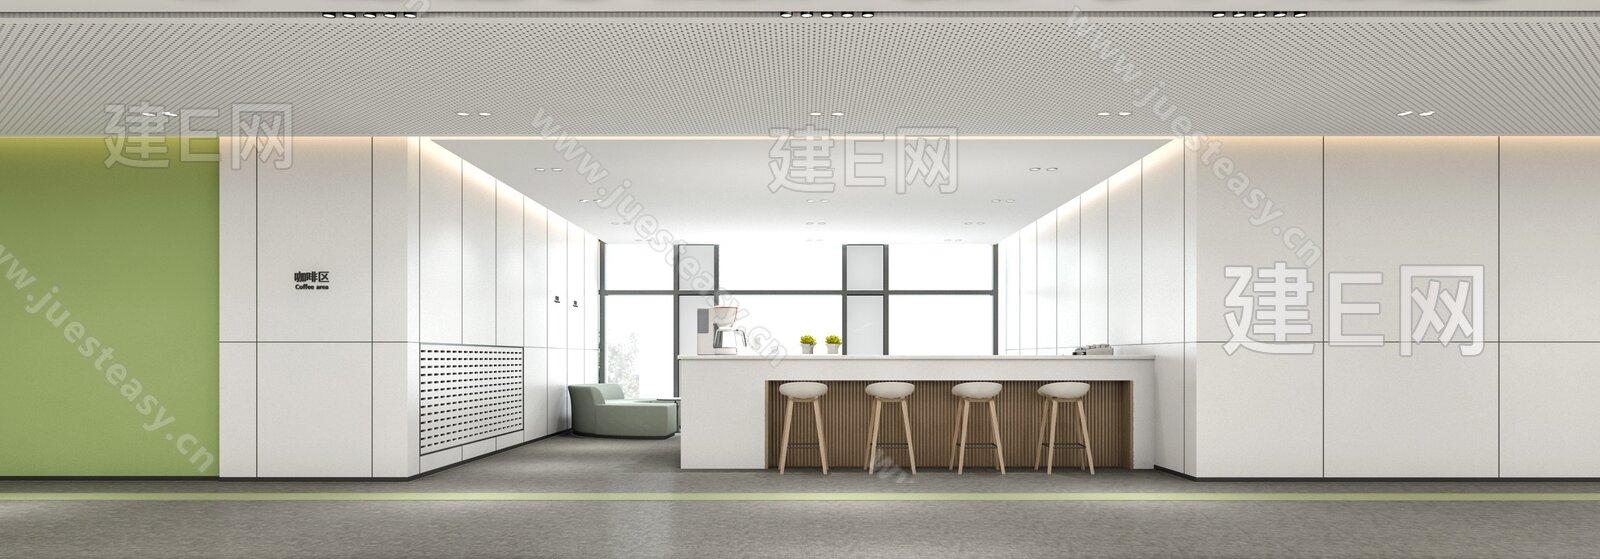 现代办公休息区3d模型